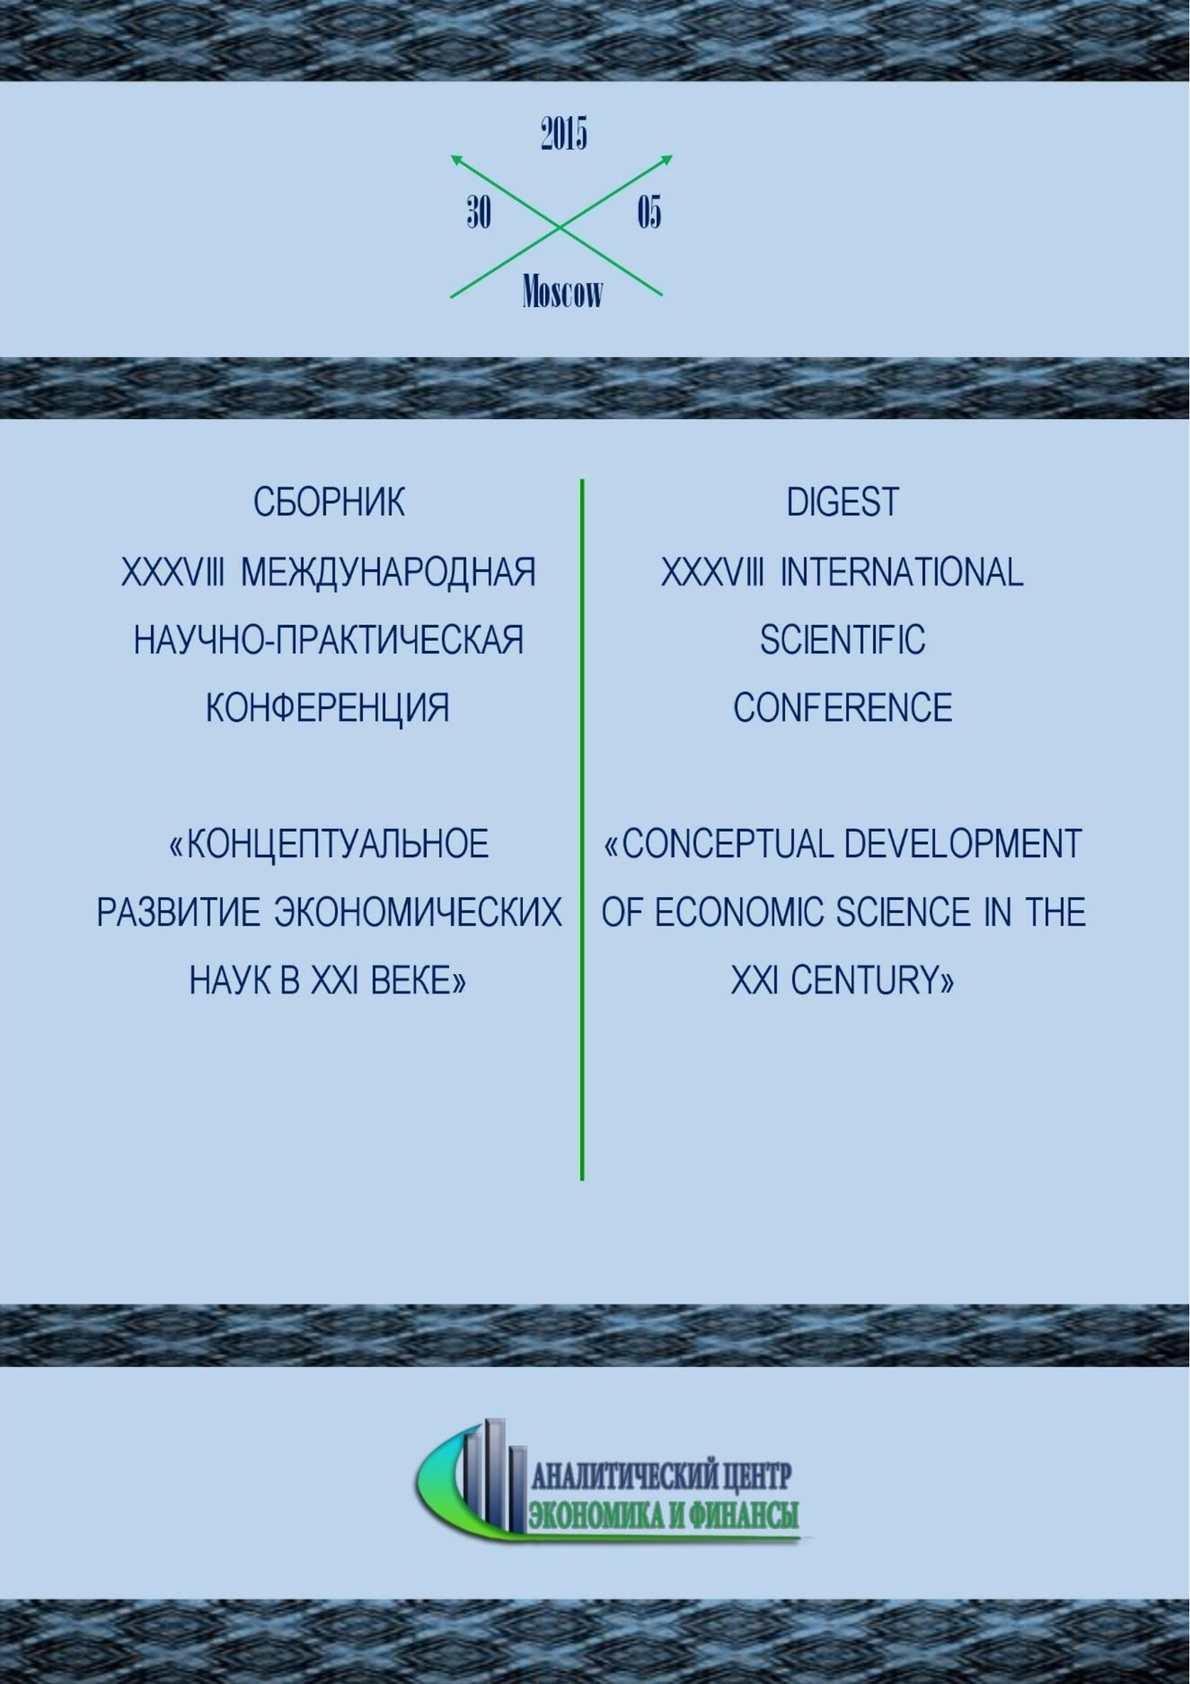 67584d235fc3 Calaméo - Концептуальная разработка экономических наук в двадцать первом  веке 30 мая 2015